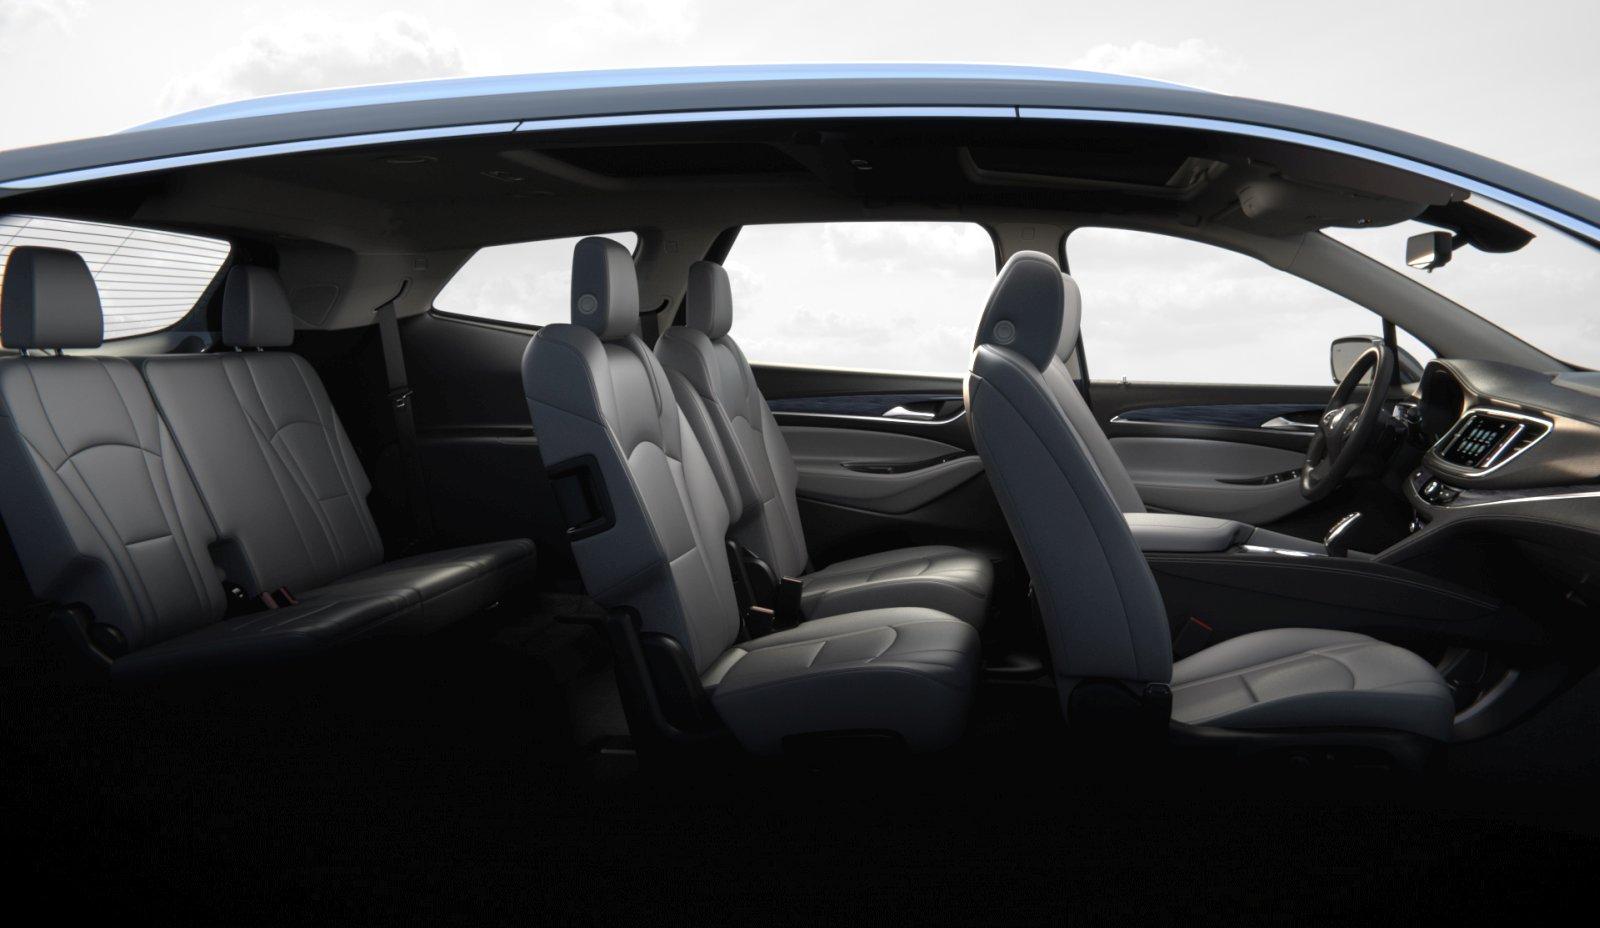 2018 Buick Enclave >> Opel Grandland X quasi enthüllt? - ALLES AUTO